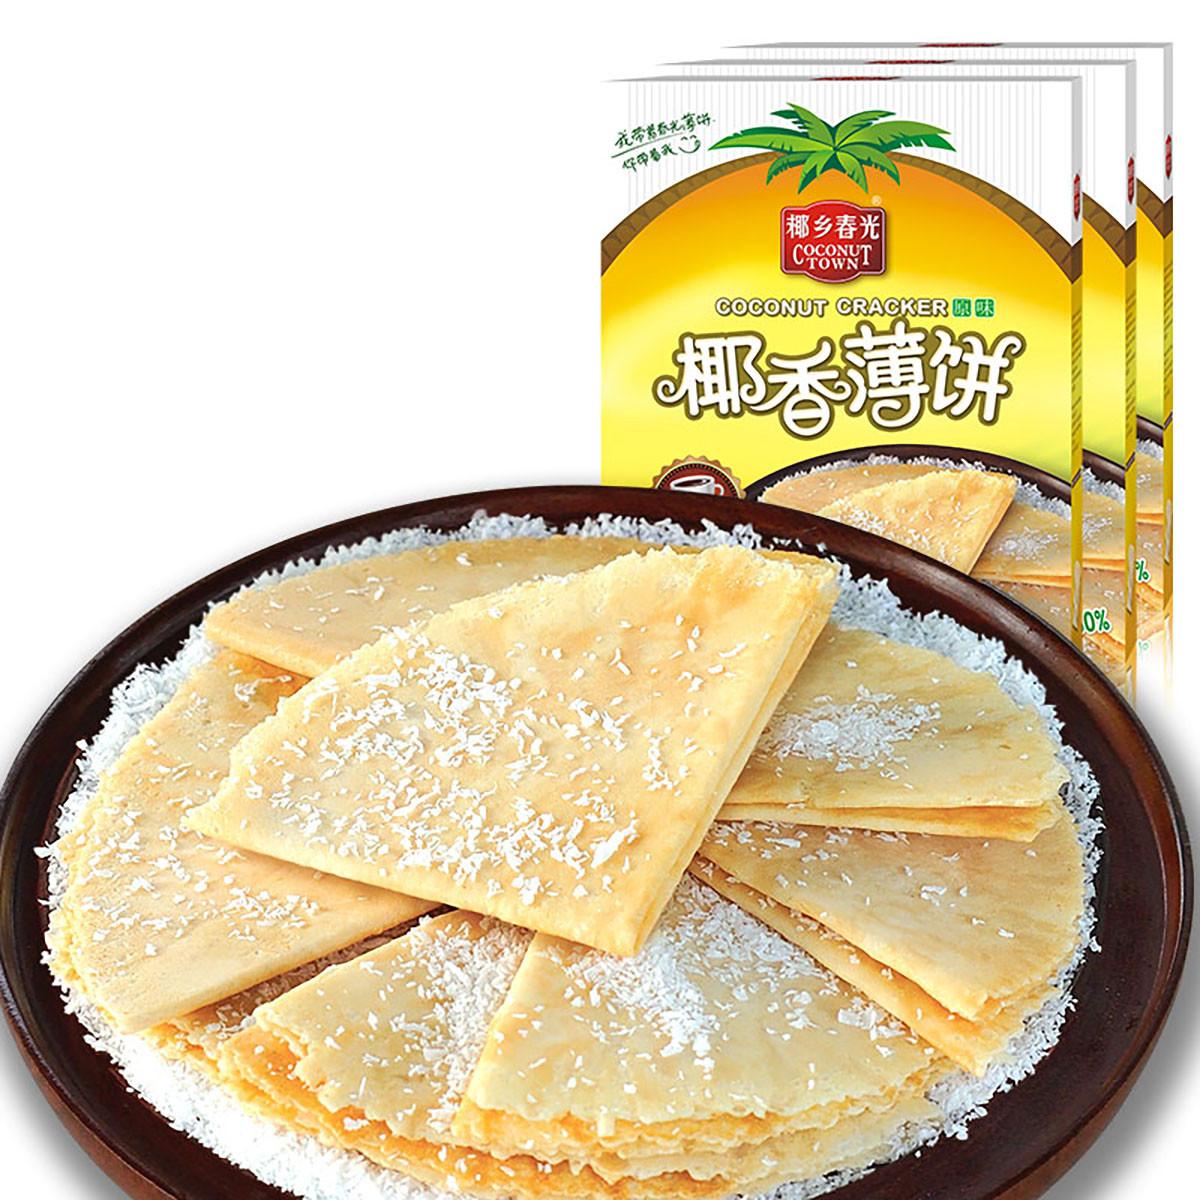 春光海南特产早餐下午茶手工饼干休闲零食小吃椰香薄饼300g*3盒装COLOR其它颜色